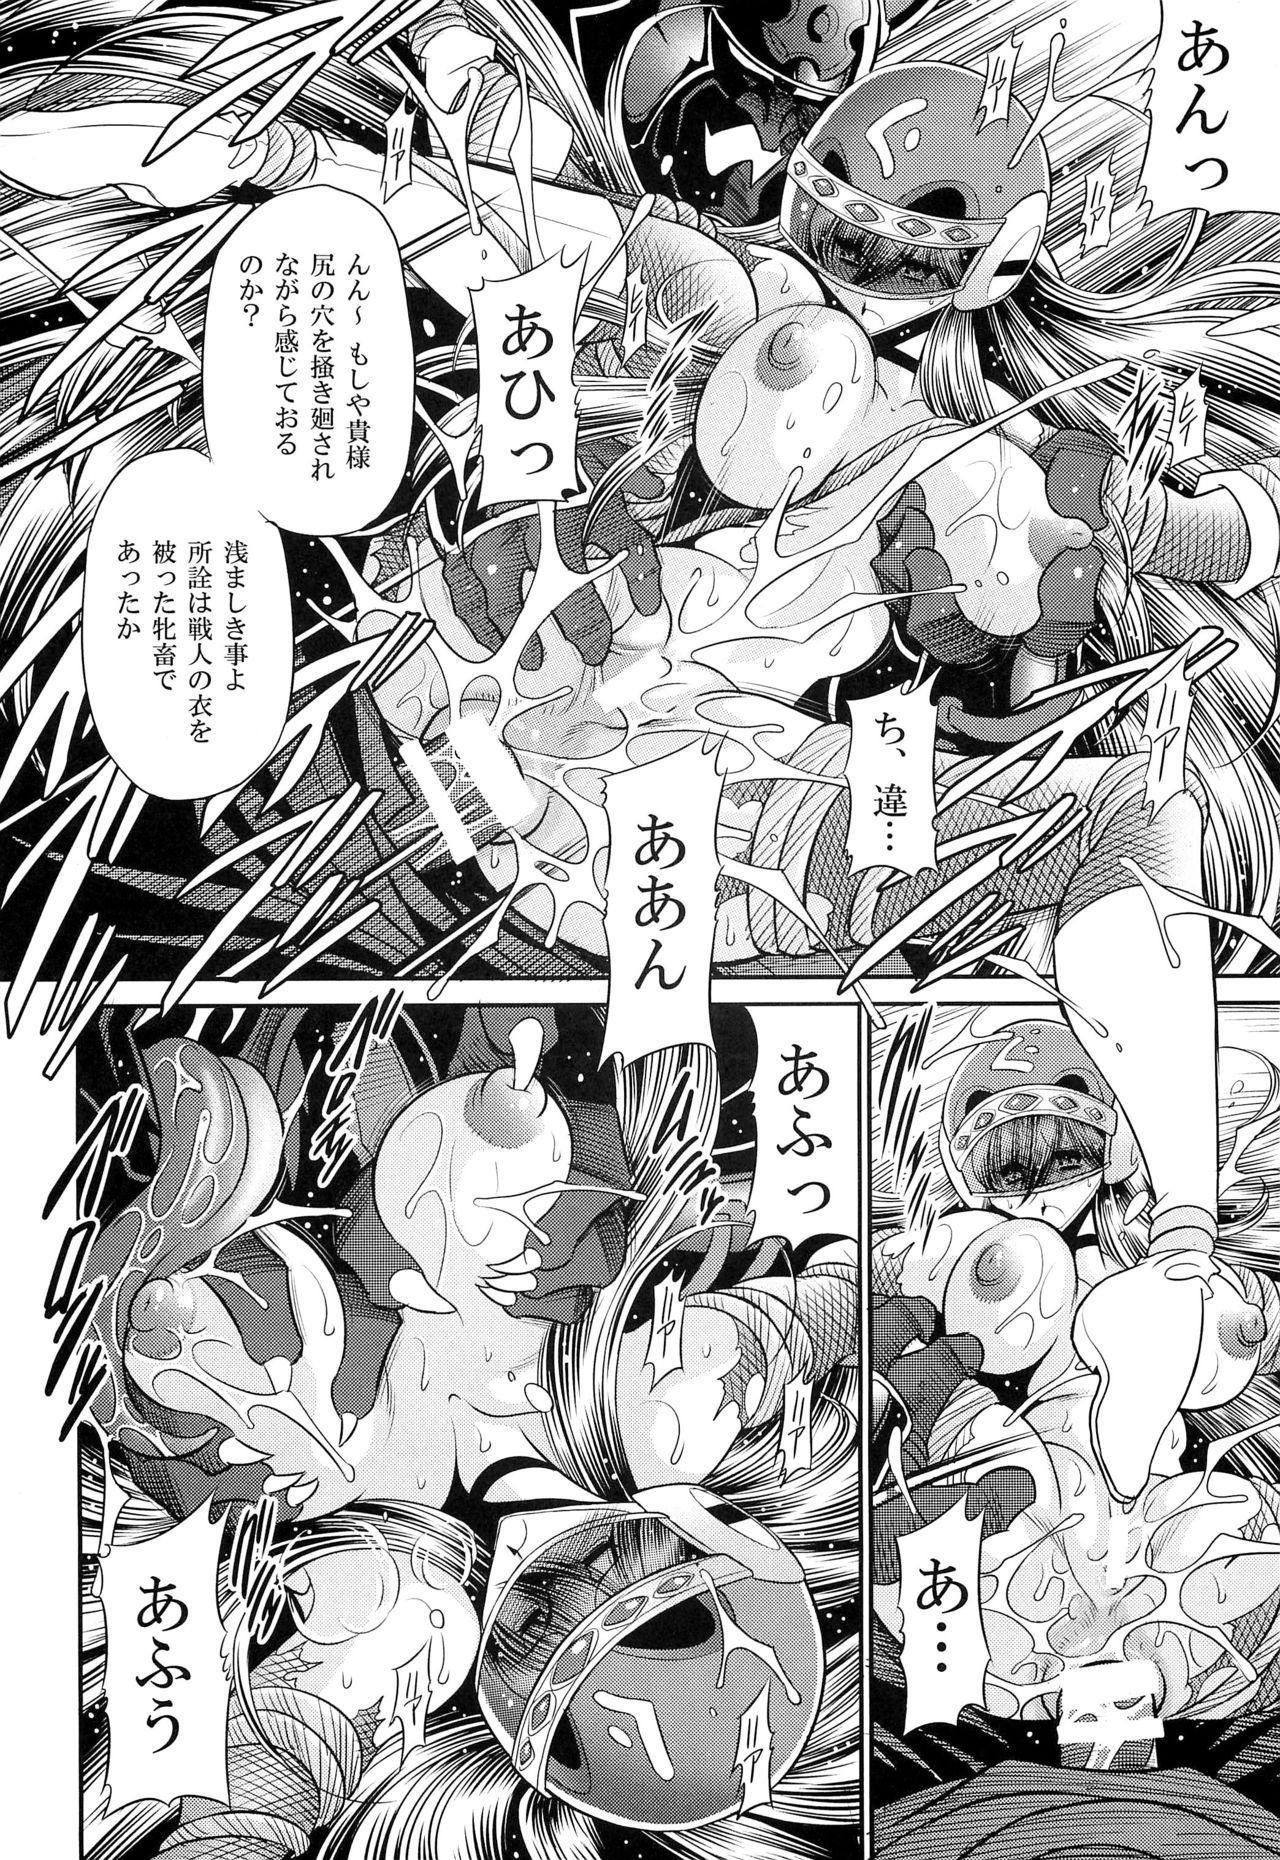 Himenin Hana Fubuki 38